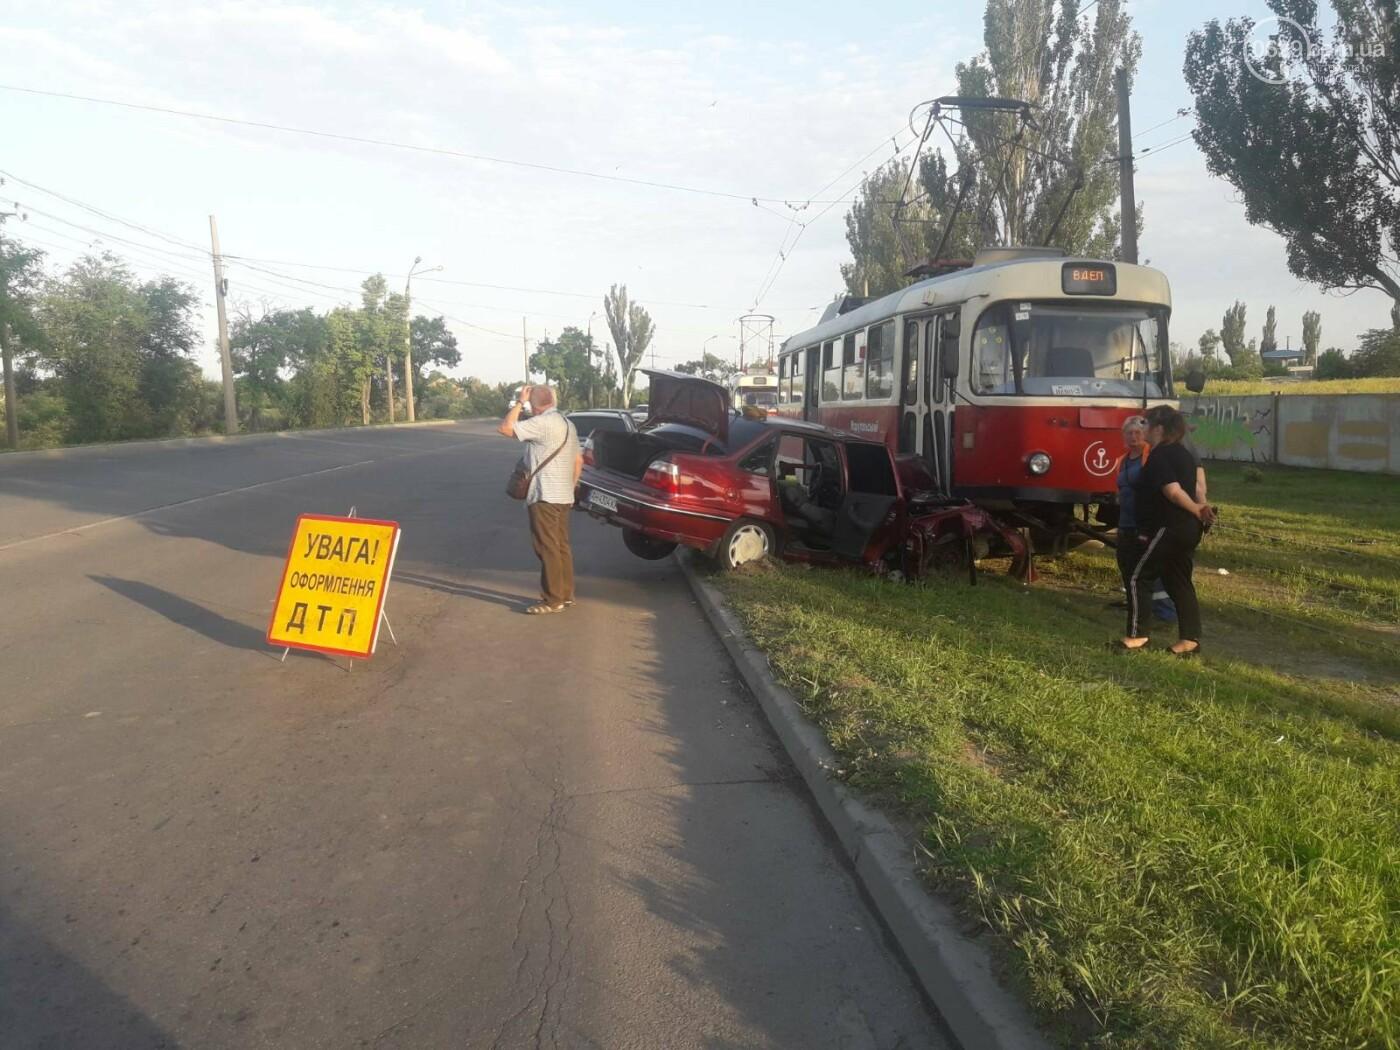 В Мариуполе Daewoo влетел в трамвай. Водитель легковушки серьезно пострадал, - ФОТО, фото-4